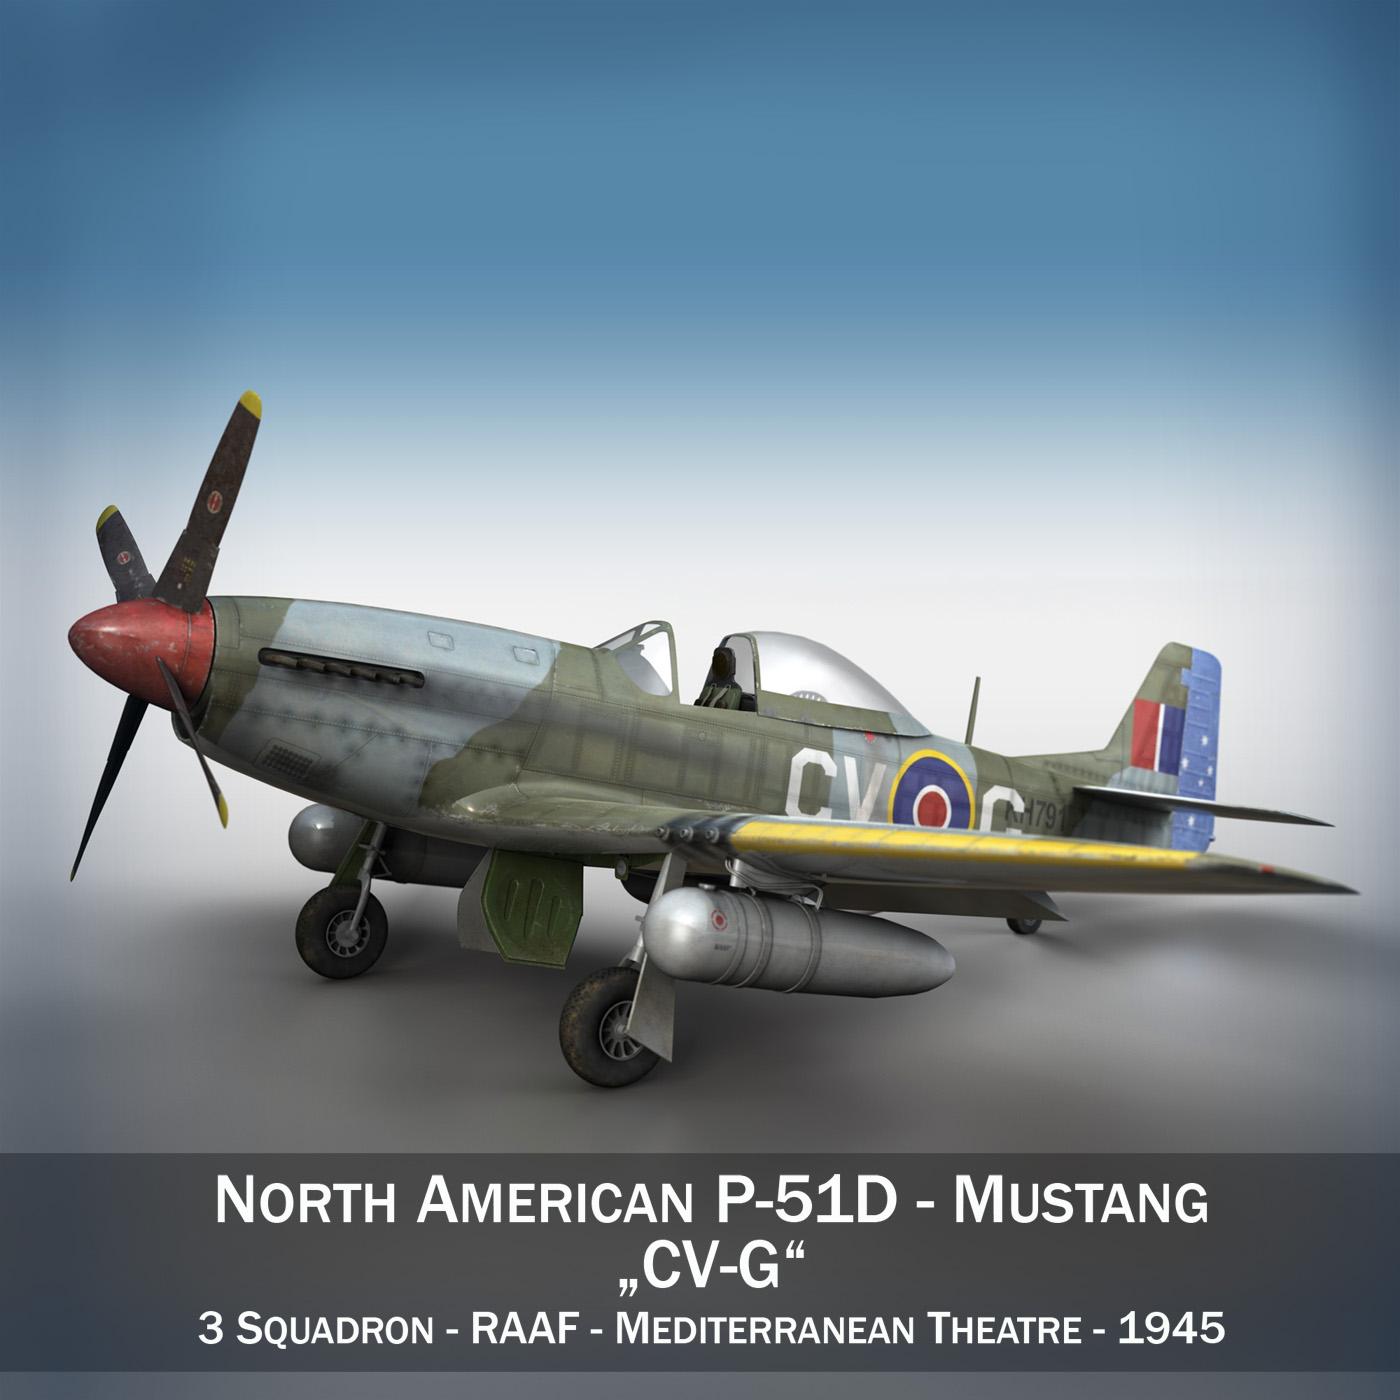 North American P-51D - CV-G 3d model 3ds fbx c4d lwo lws lw obj 188566